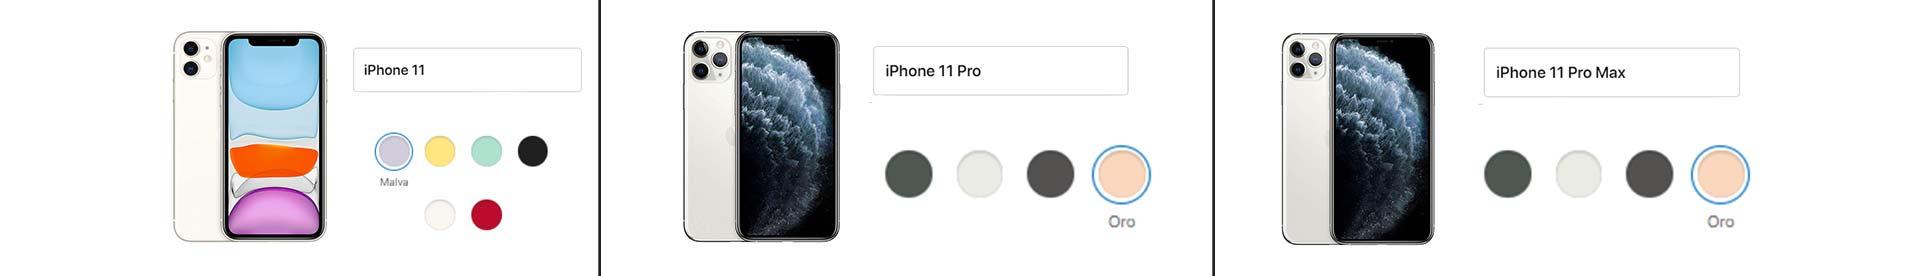 Gama-de-colores-de-los-nuevos-iPhone-11